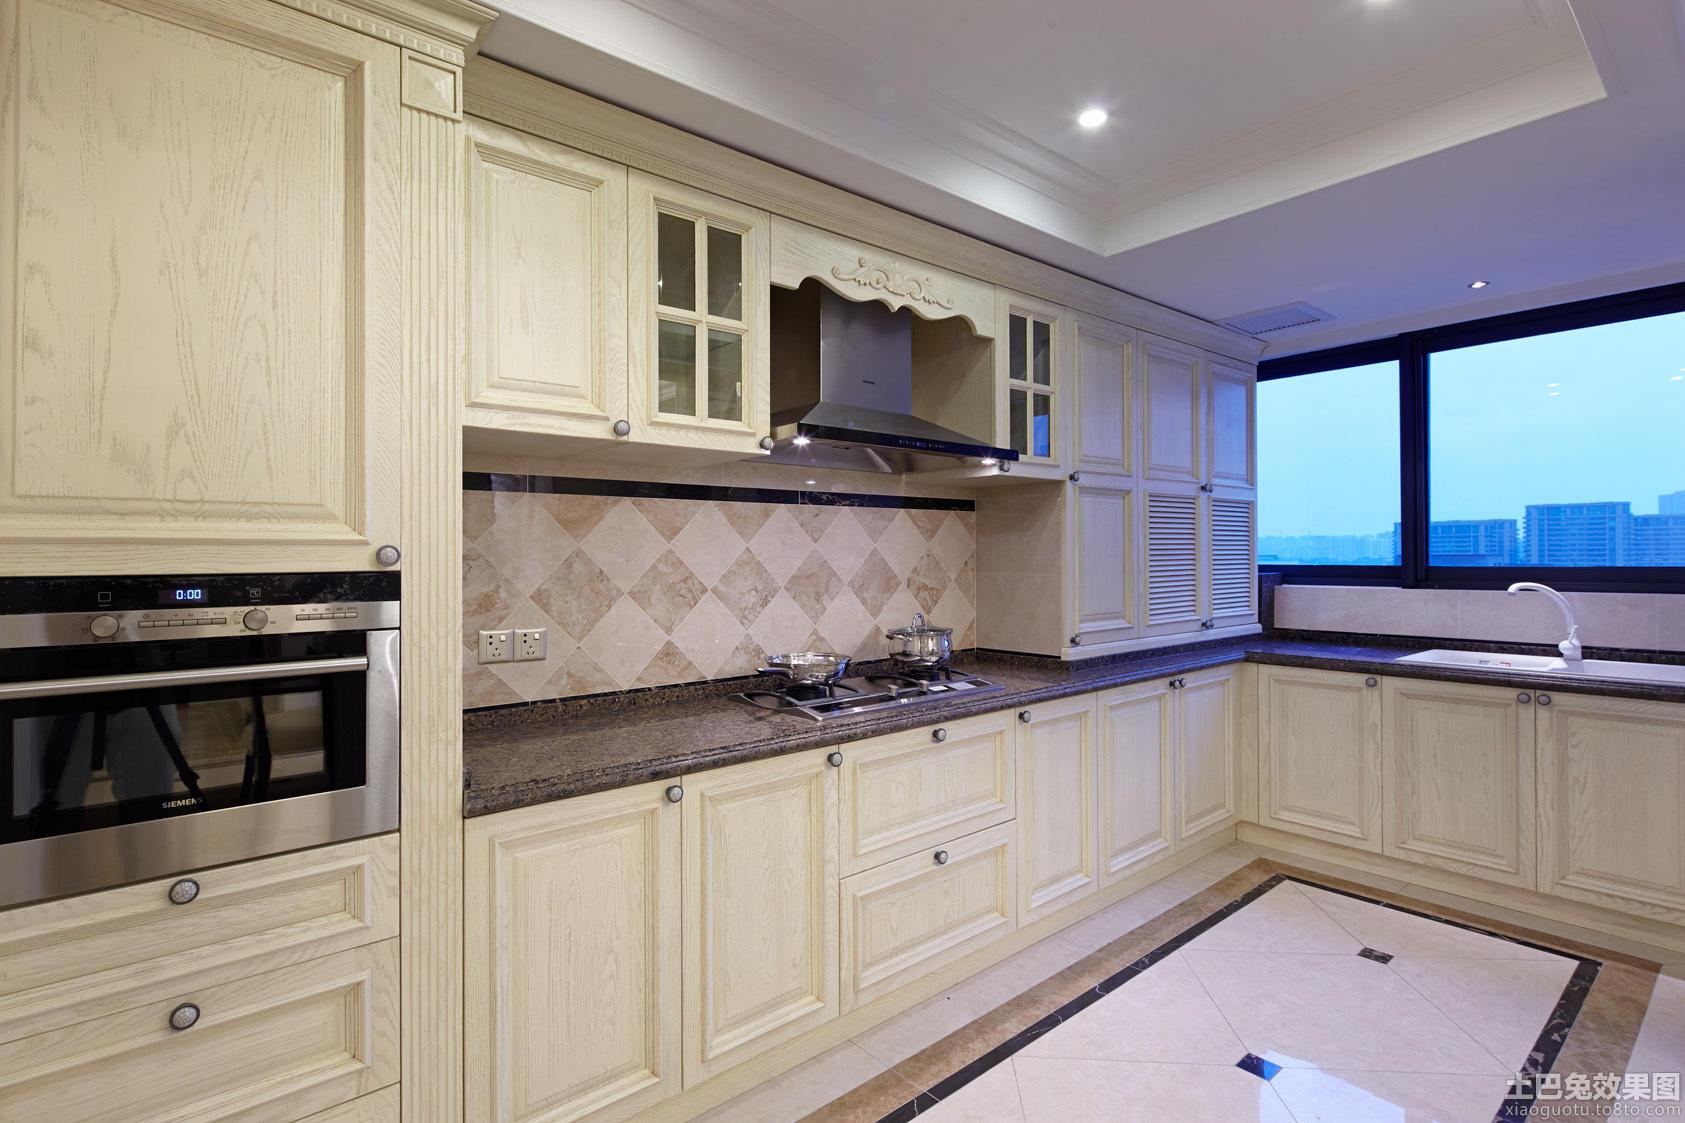 家庭厨房欧式实木橱柜图片大全装修效果图_第3张